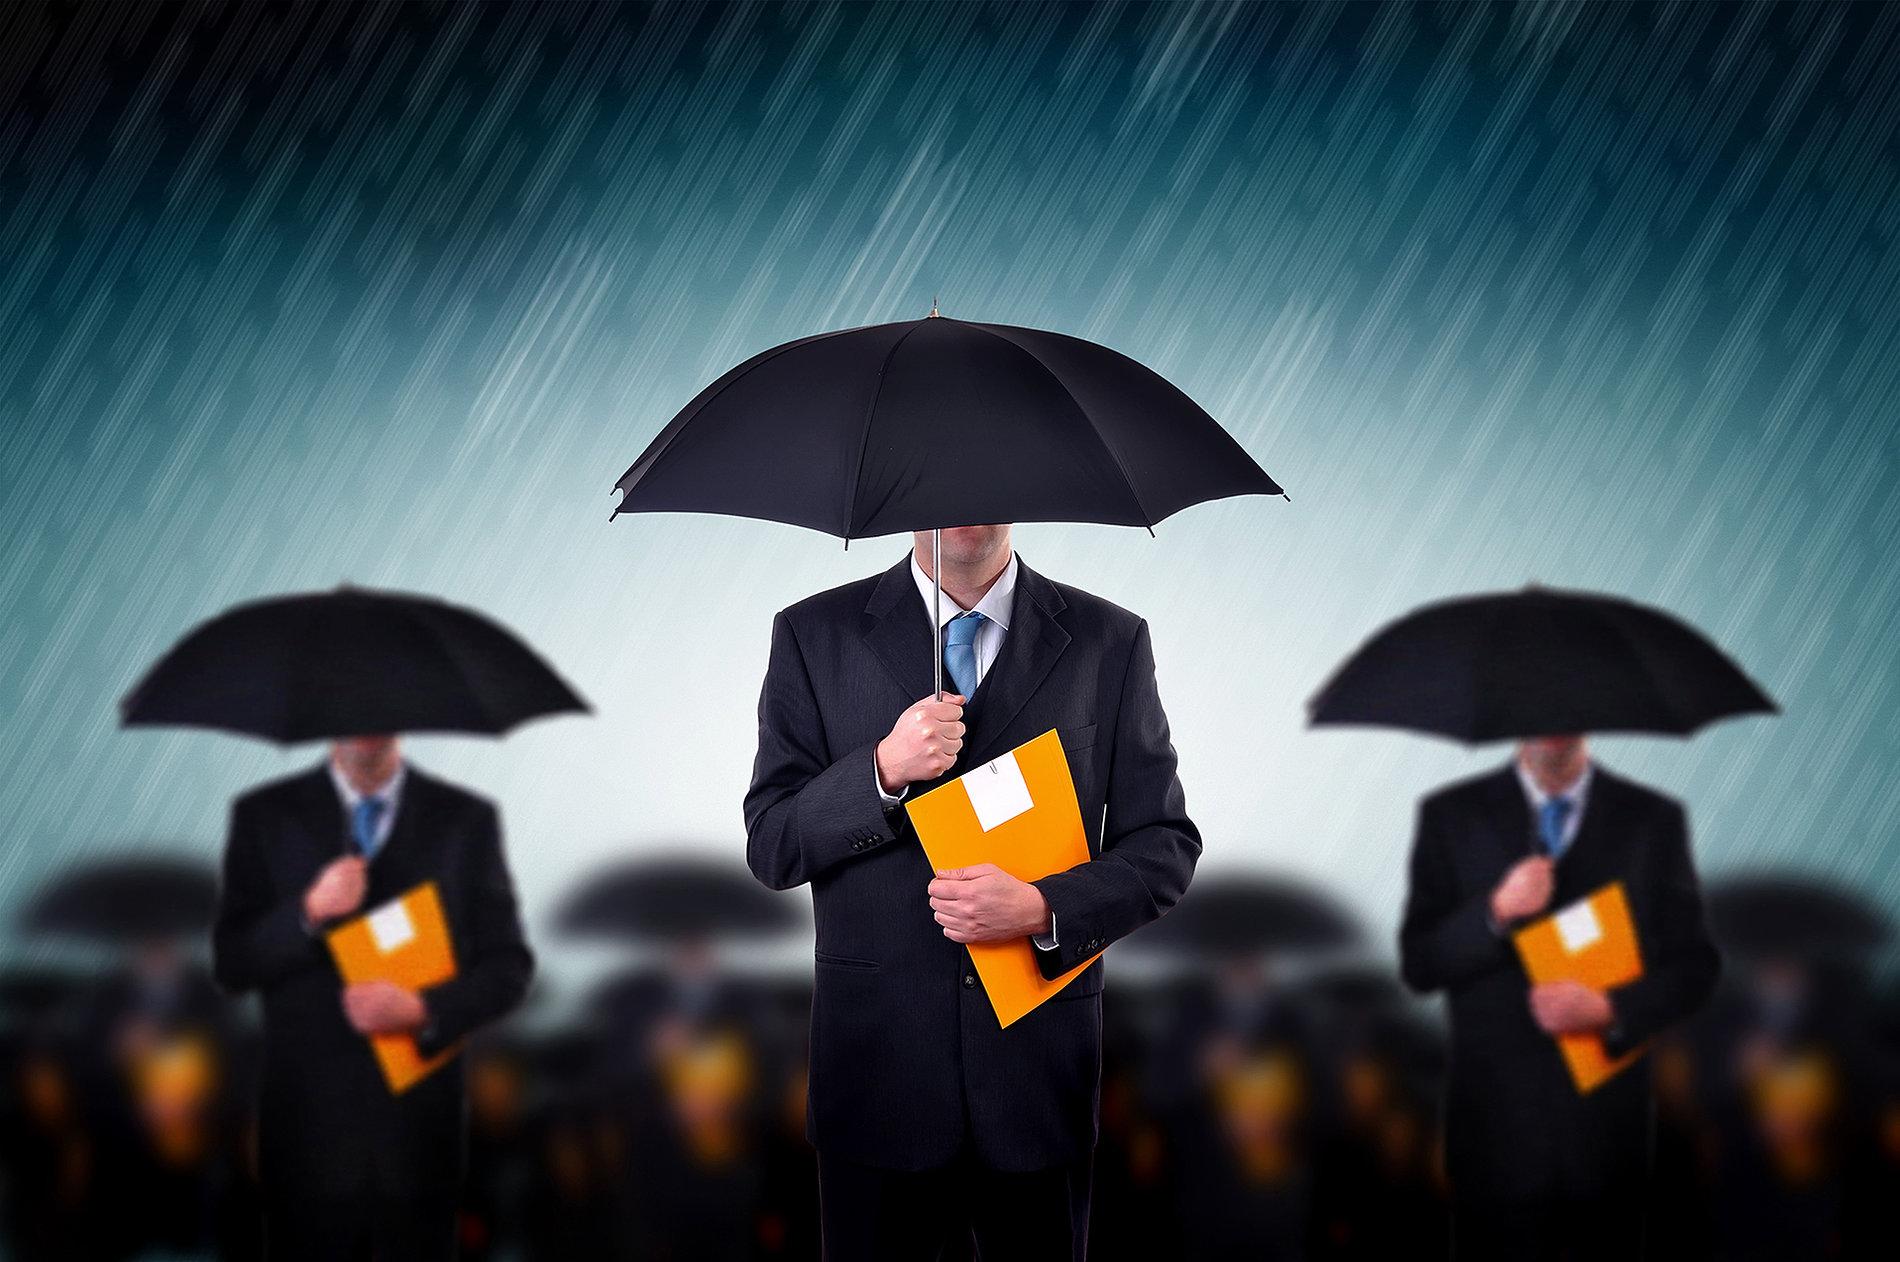 Smartverzekeren particuliere en zakelijke verzekeringen for Zakelijke hypotheek